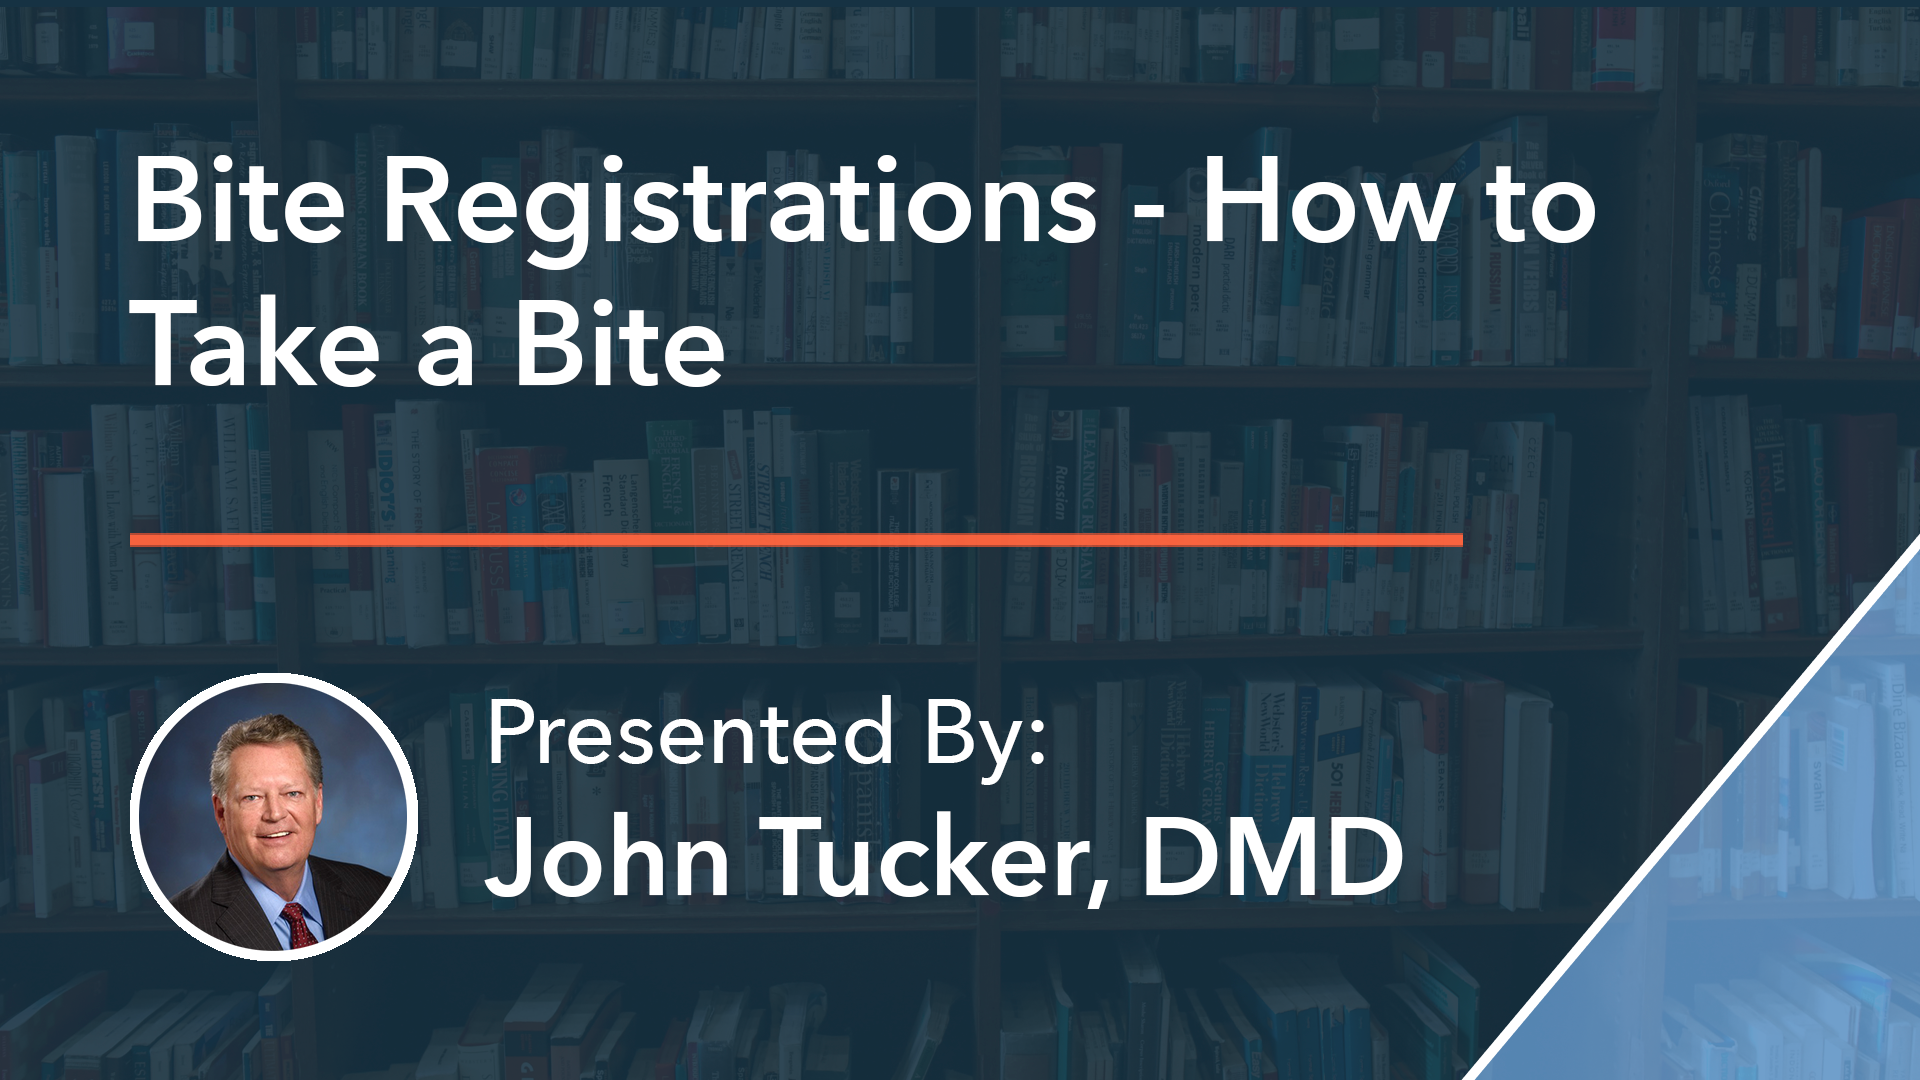 Bite Registrations - How to Take a Bite Dr John Tucker